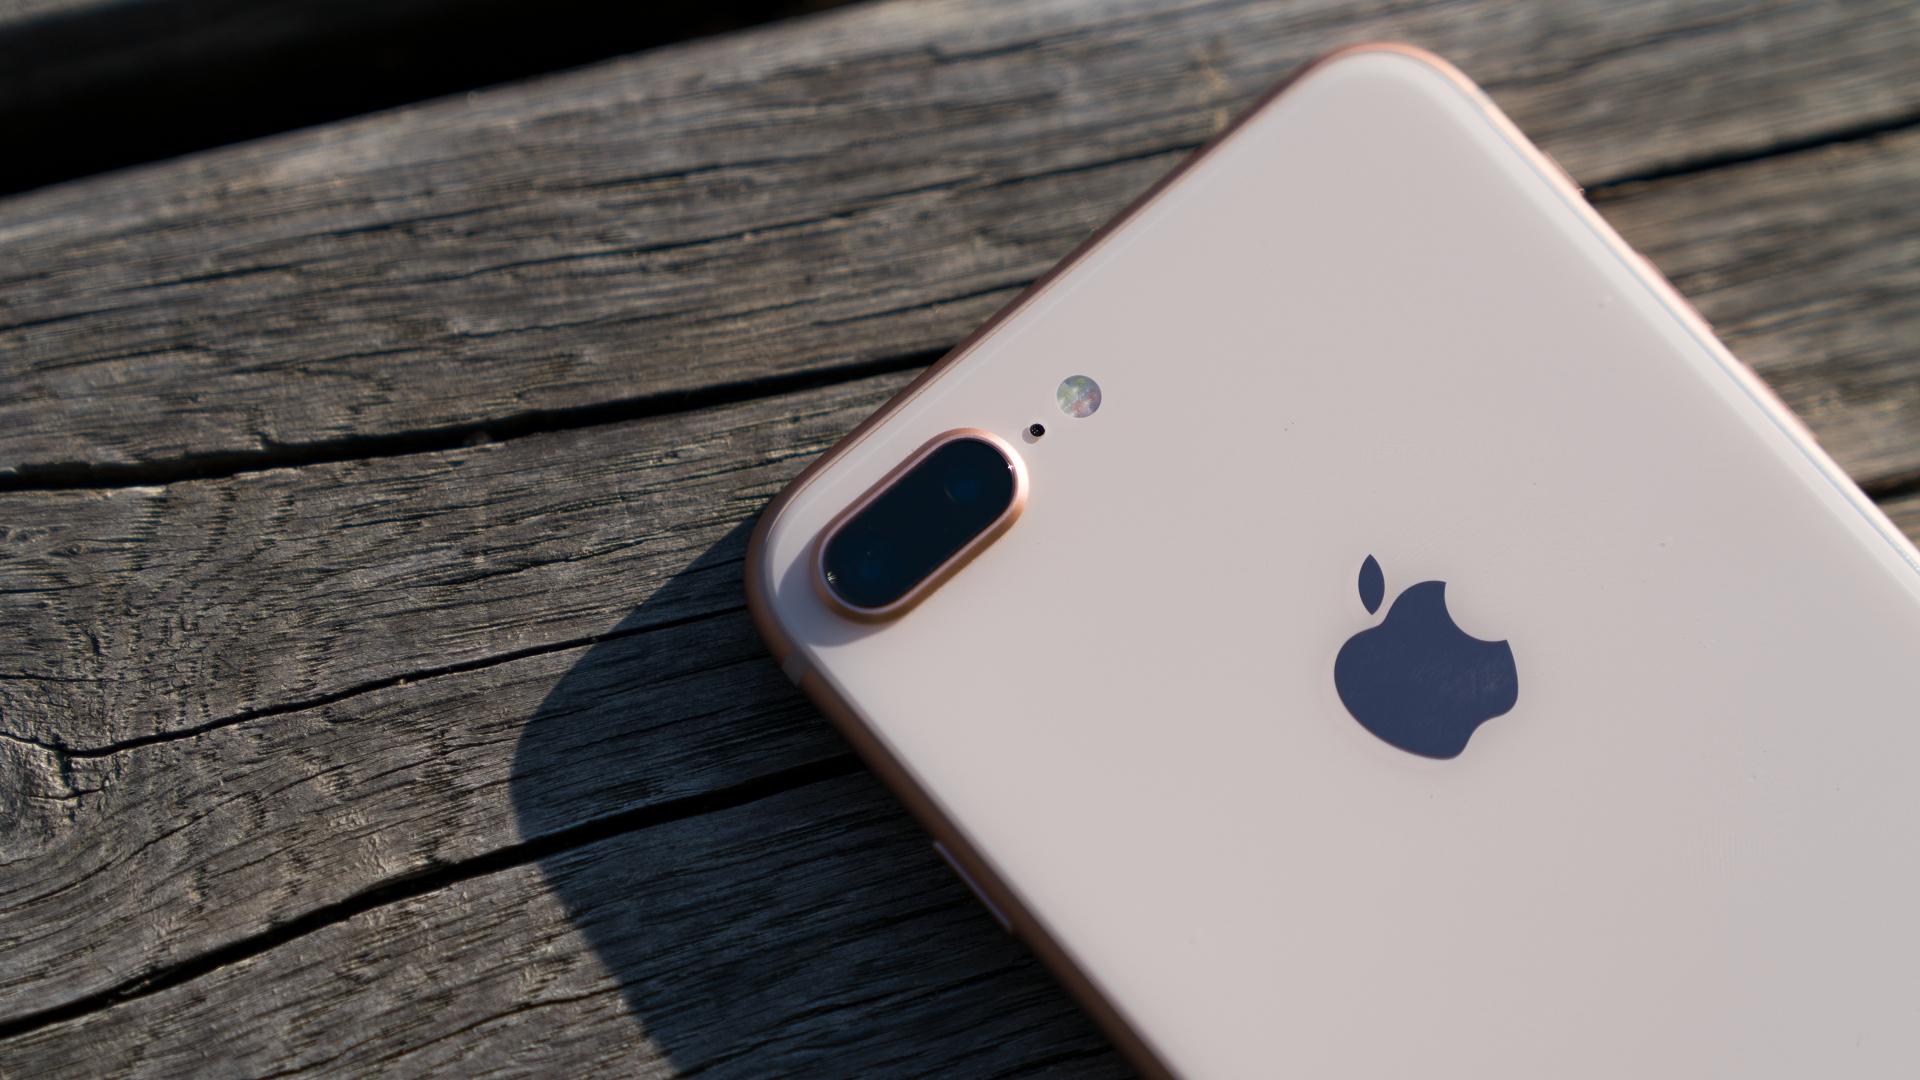 Apple zařízení mají bezpečnostní zranitelnost při zpracování obrázků